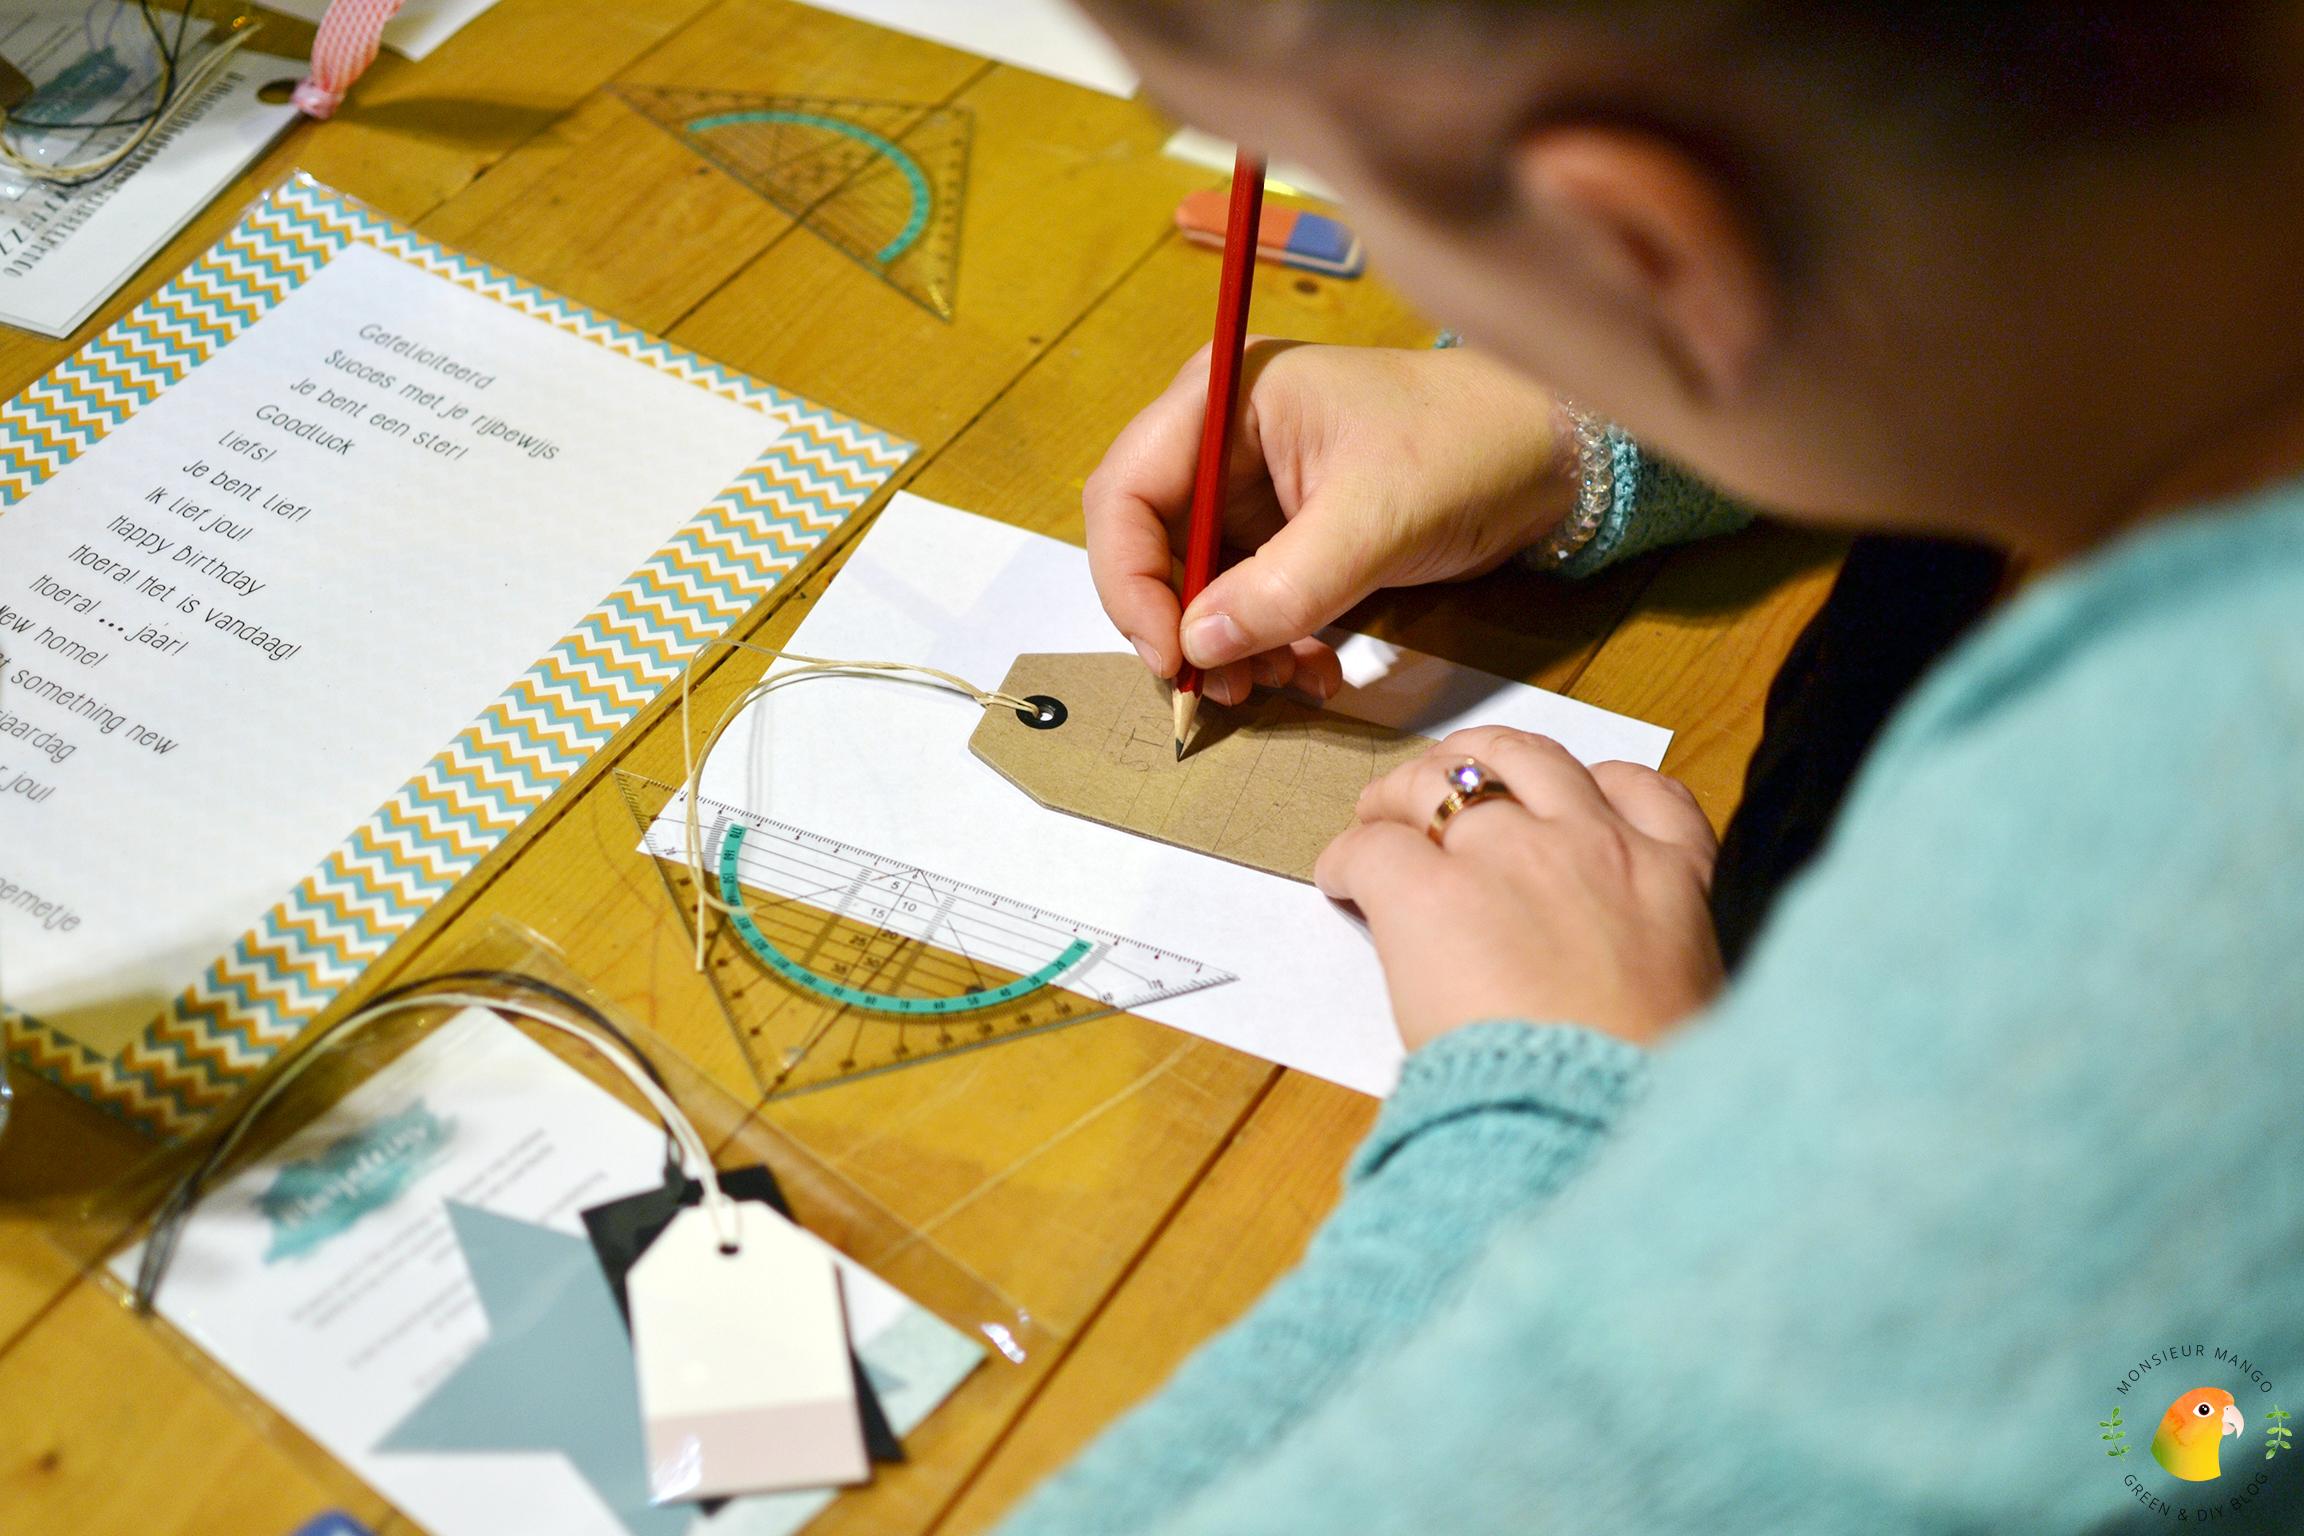 Afbeelding PaperPassion Marjolein's Creations handlettering aan de slag